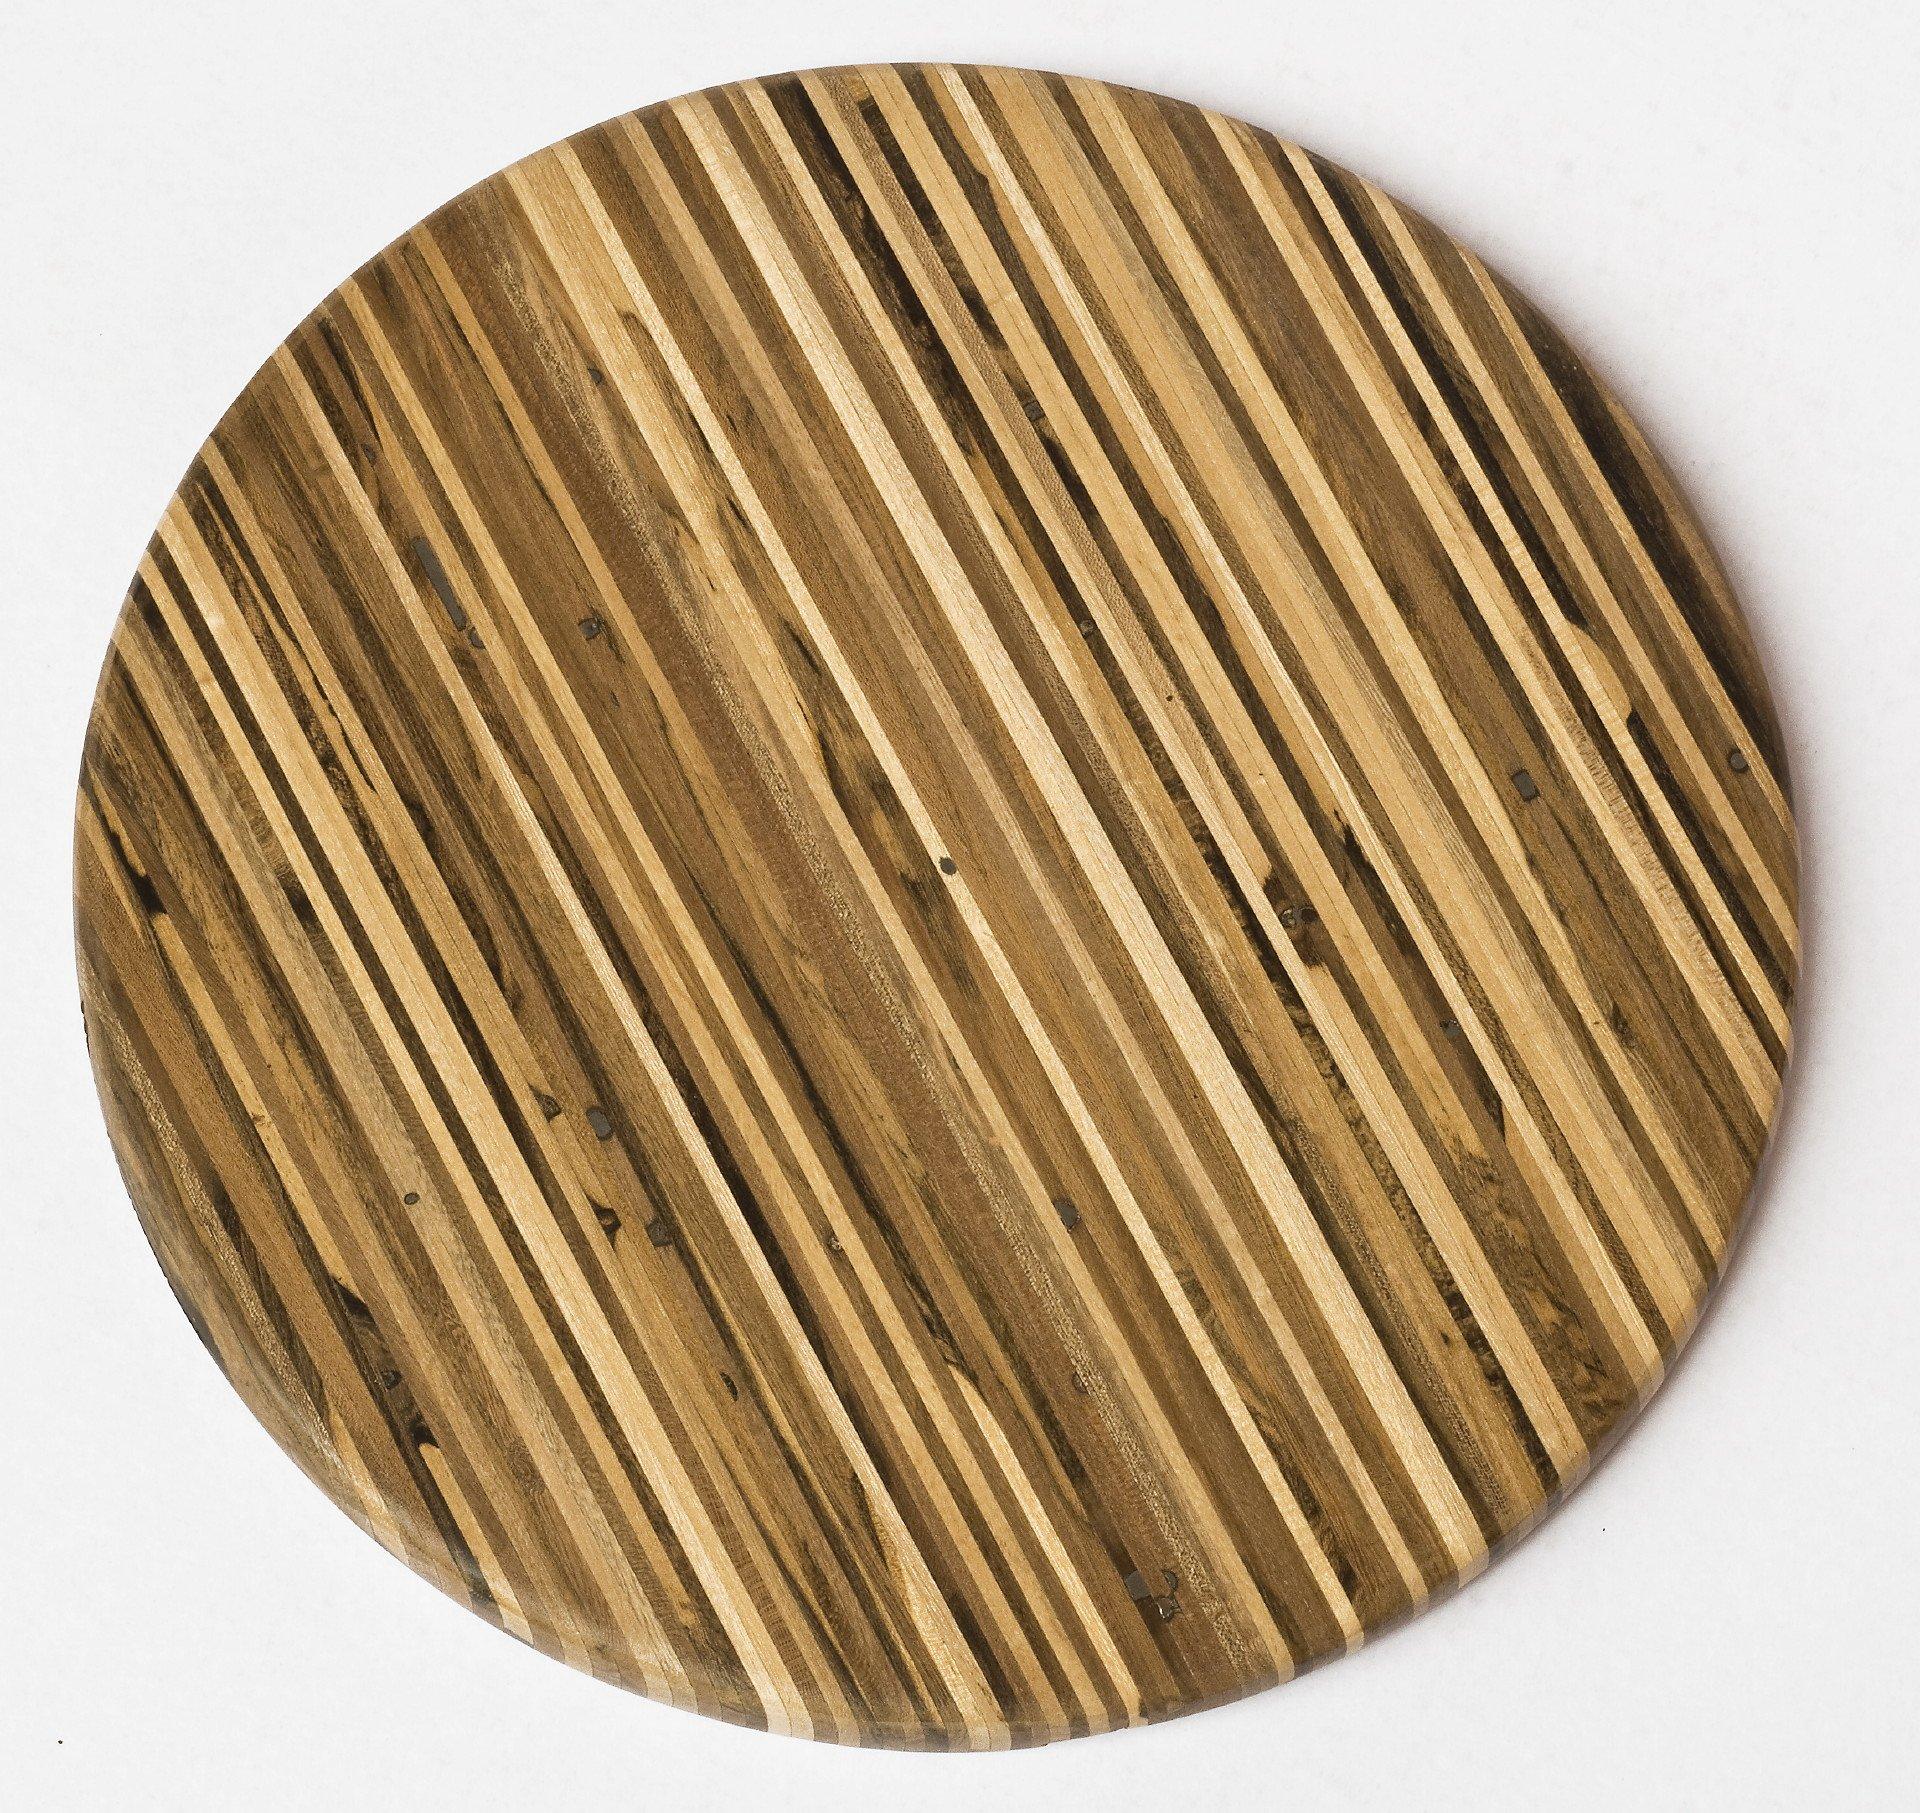 Brazilian Pecan Round Wood Cutting Board 12'' x 3/4''